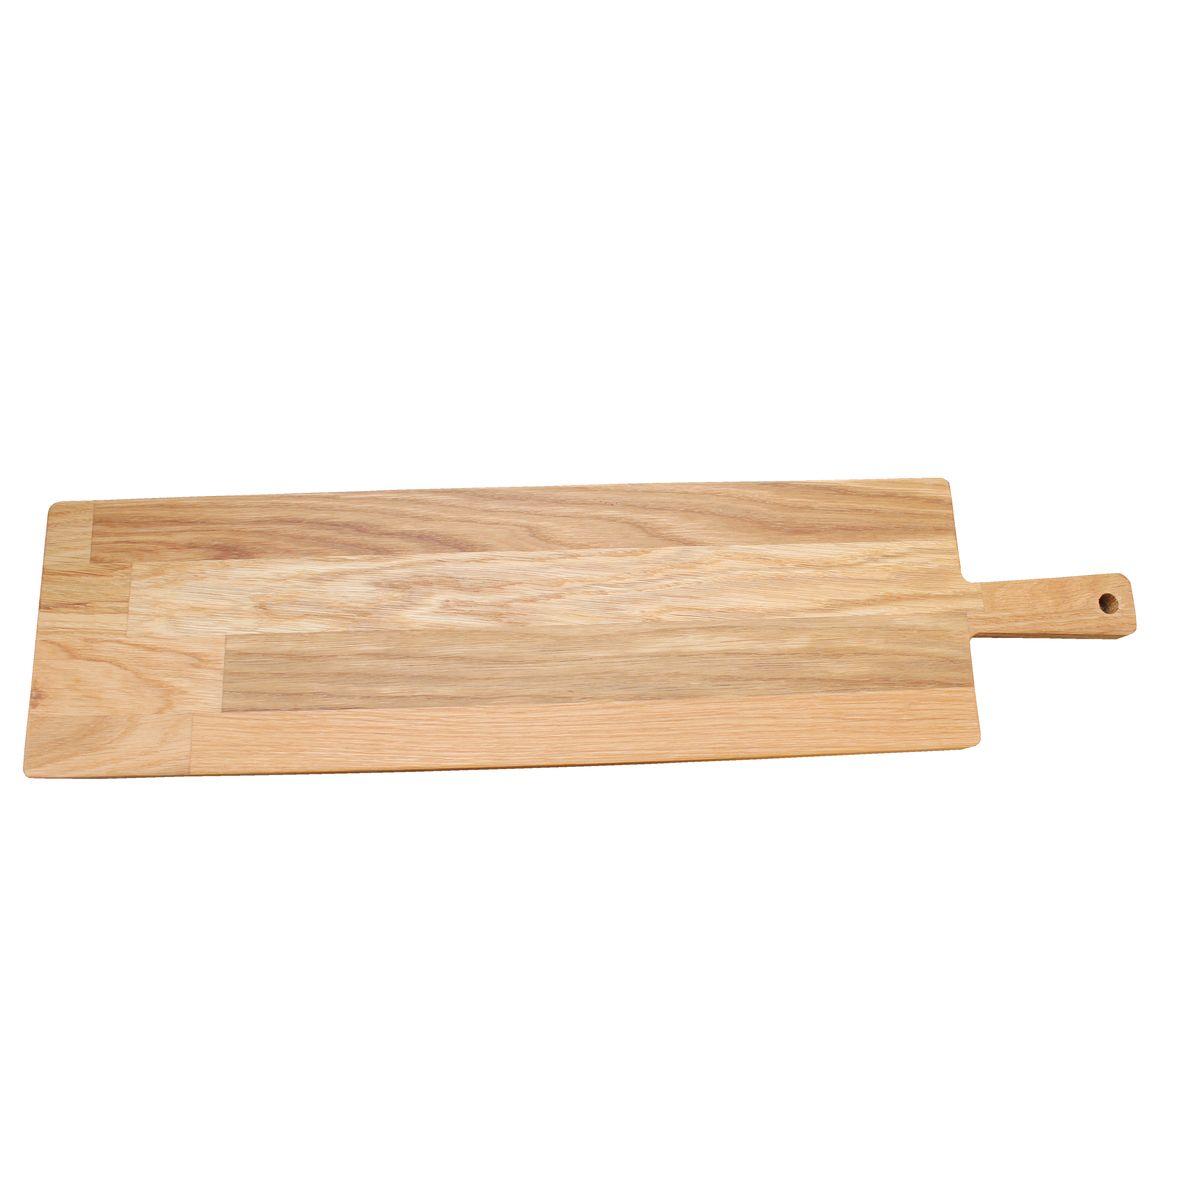 Planche de présentation avec poignée chêne huilé 60 x 15 cm - Roger Orfevre